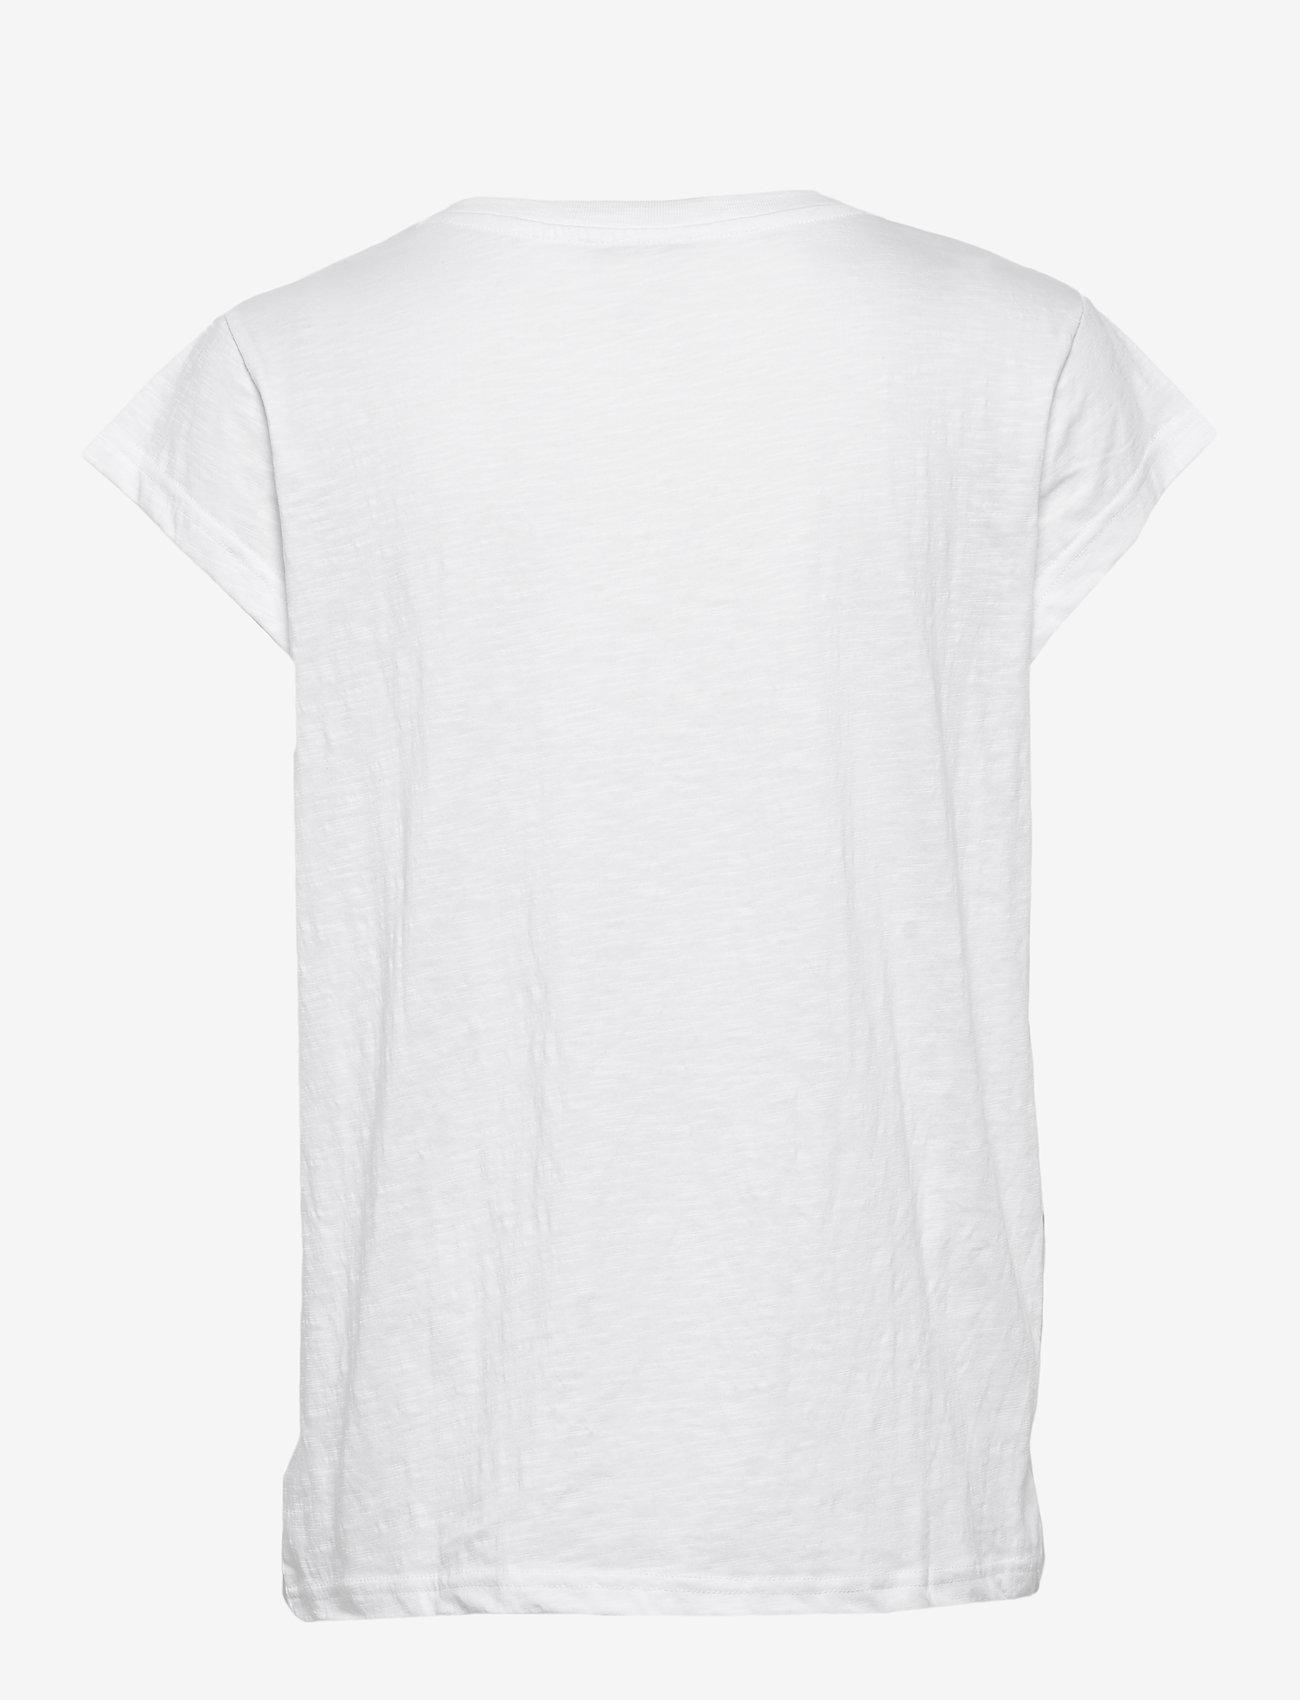 Minus - Leti tee - t-shirts - white - 1